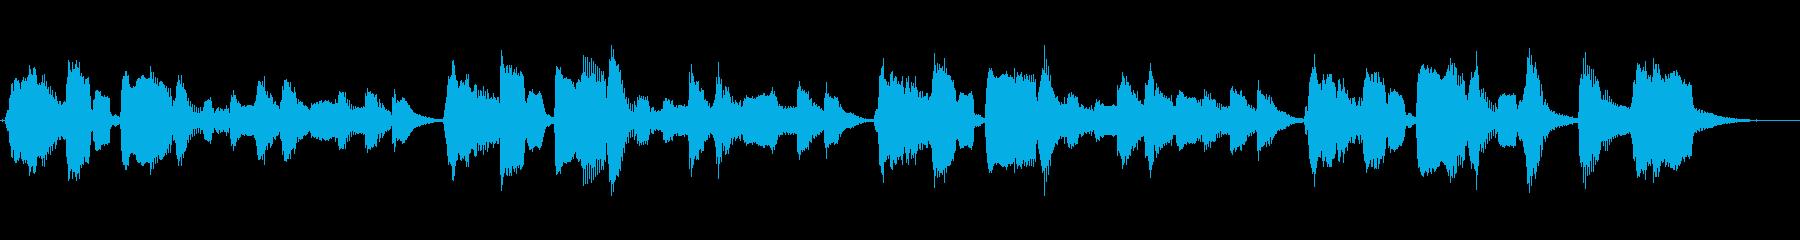 チャンネル登録のうた・明るい・キャッチーの再生済みの波形